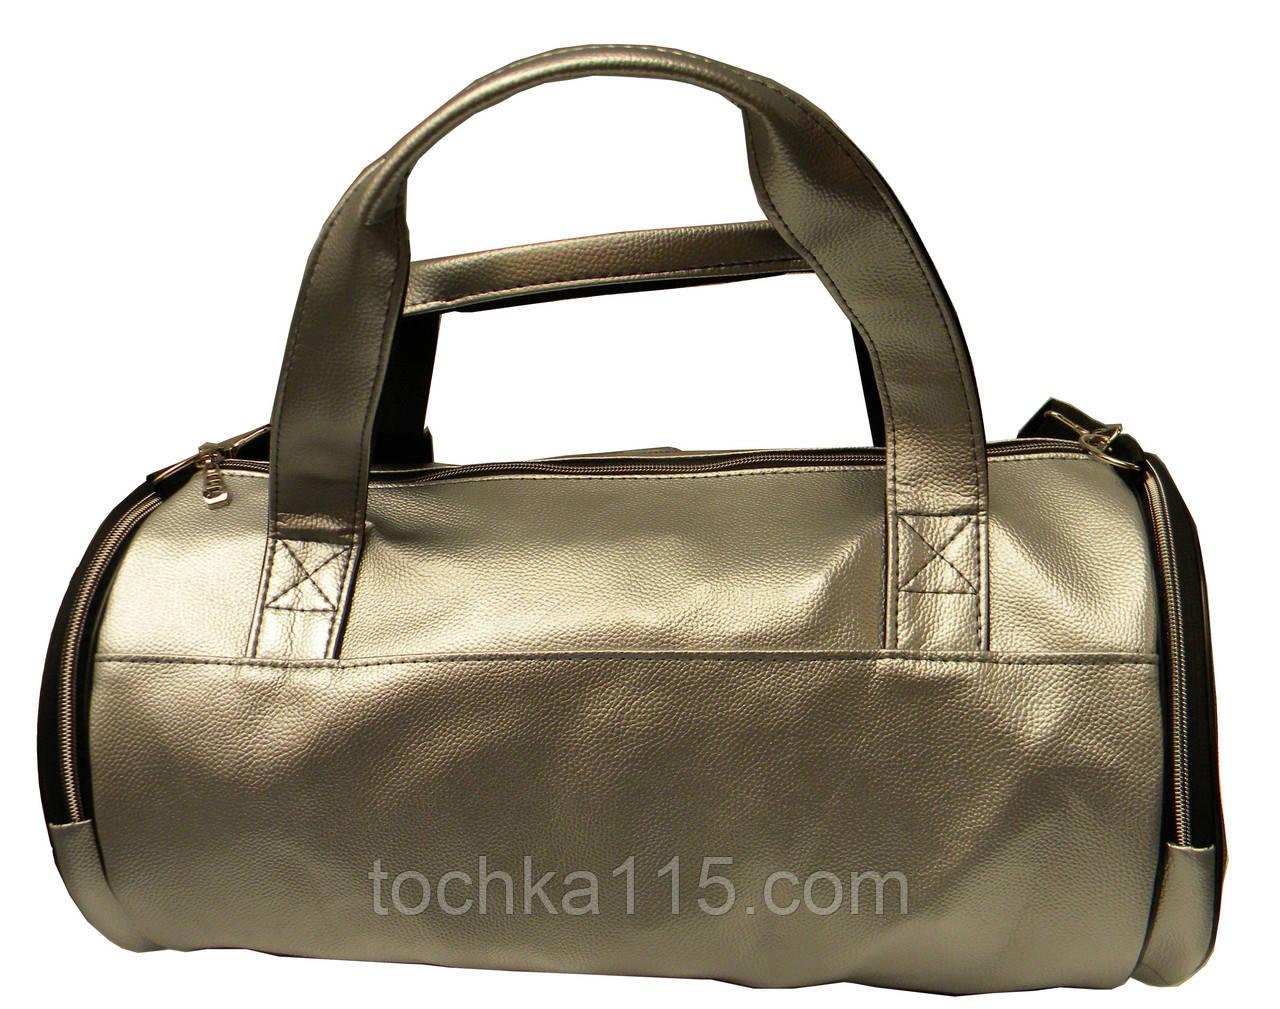 f7f50775 ... Кожаная сумка бочка Philipp Plein, мужская сумка, женская сумка для  тренировок Филипп Плейн реплика